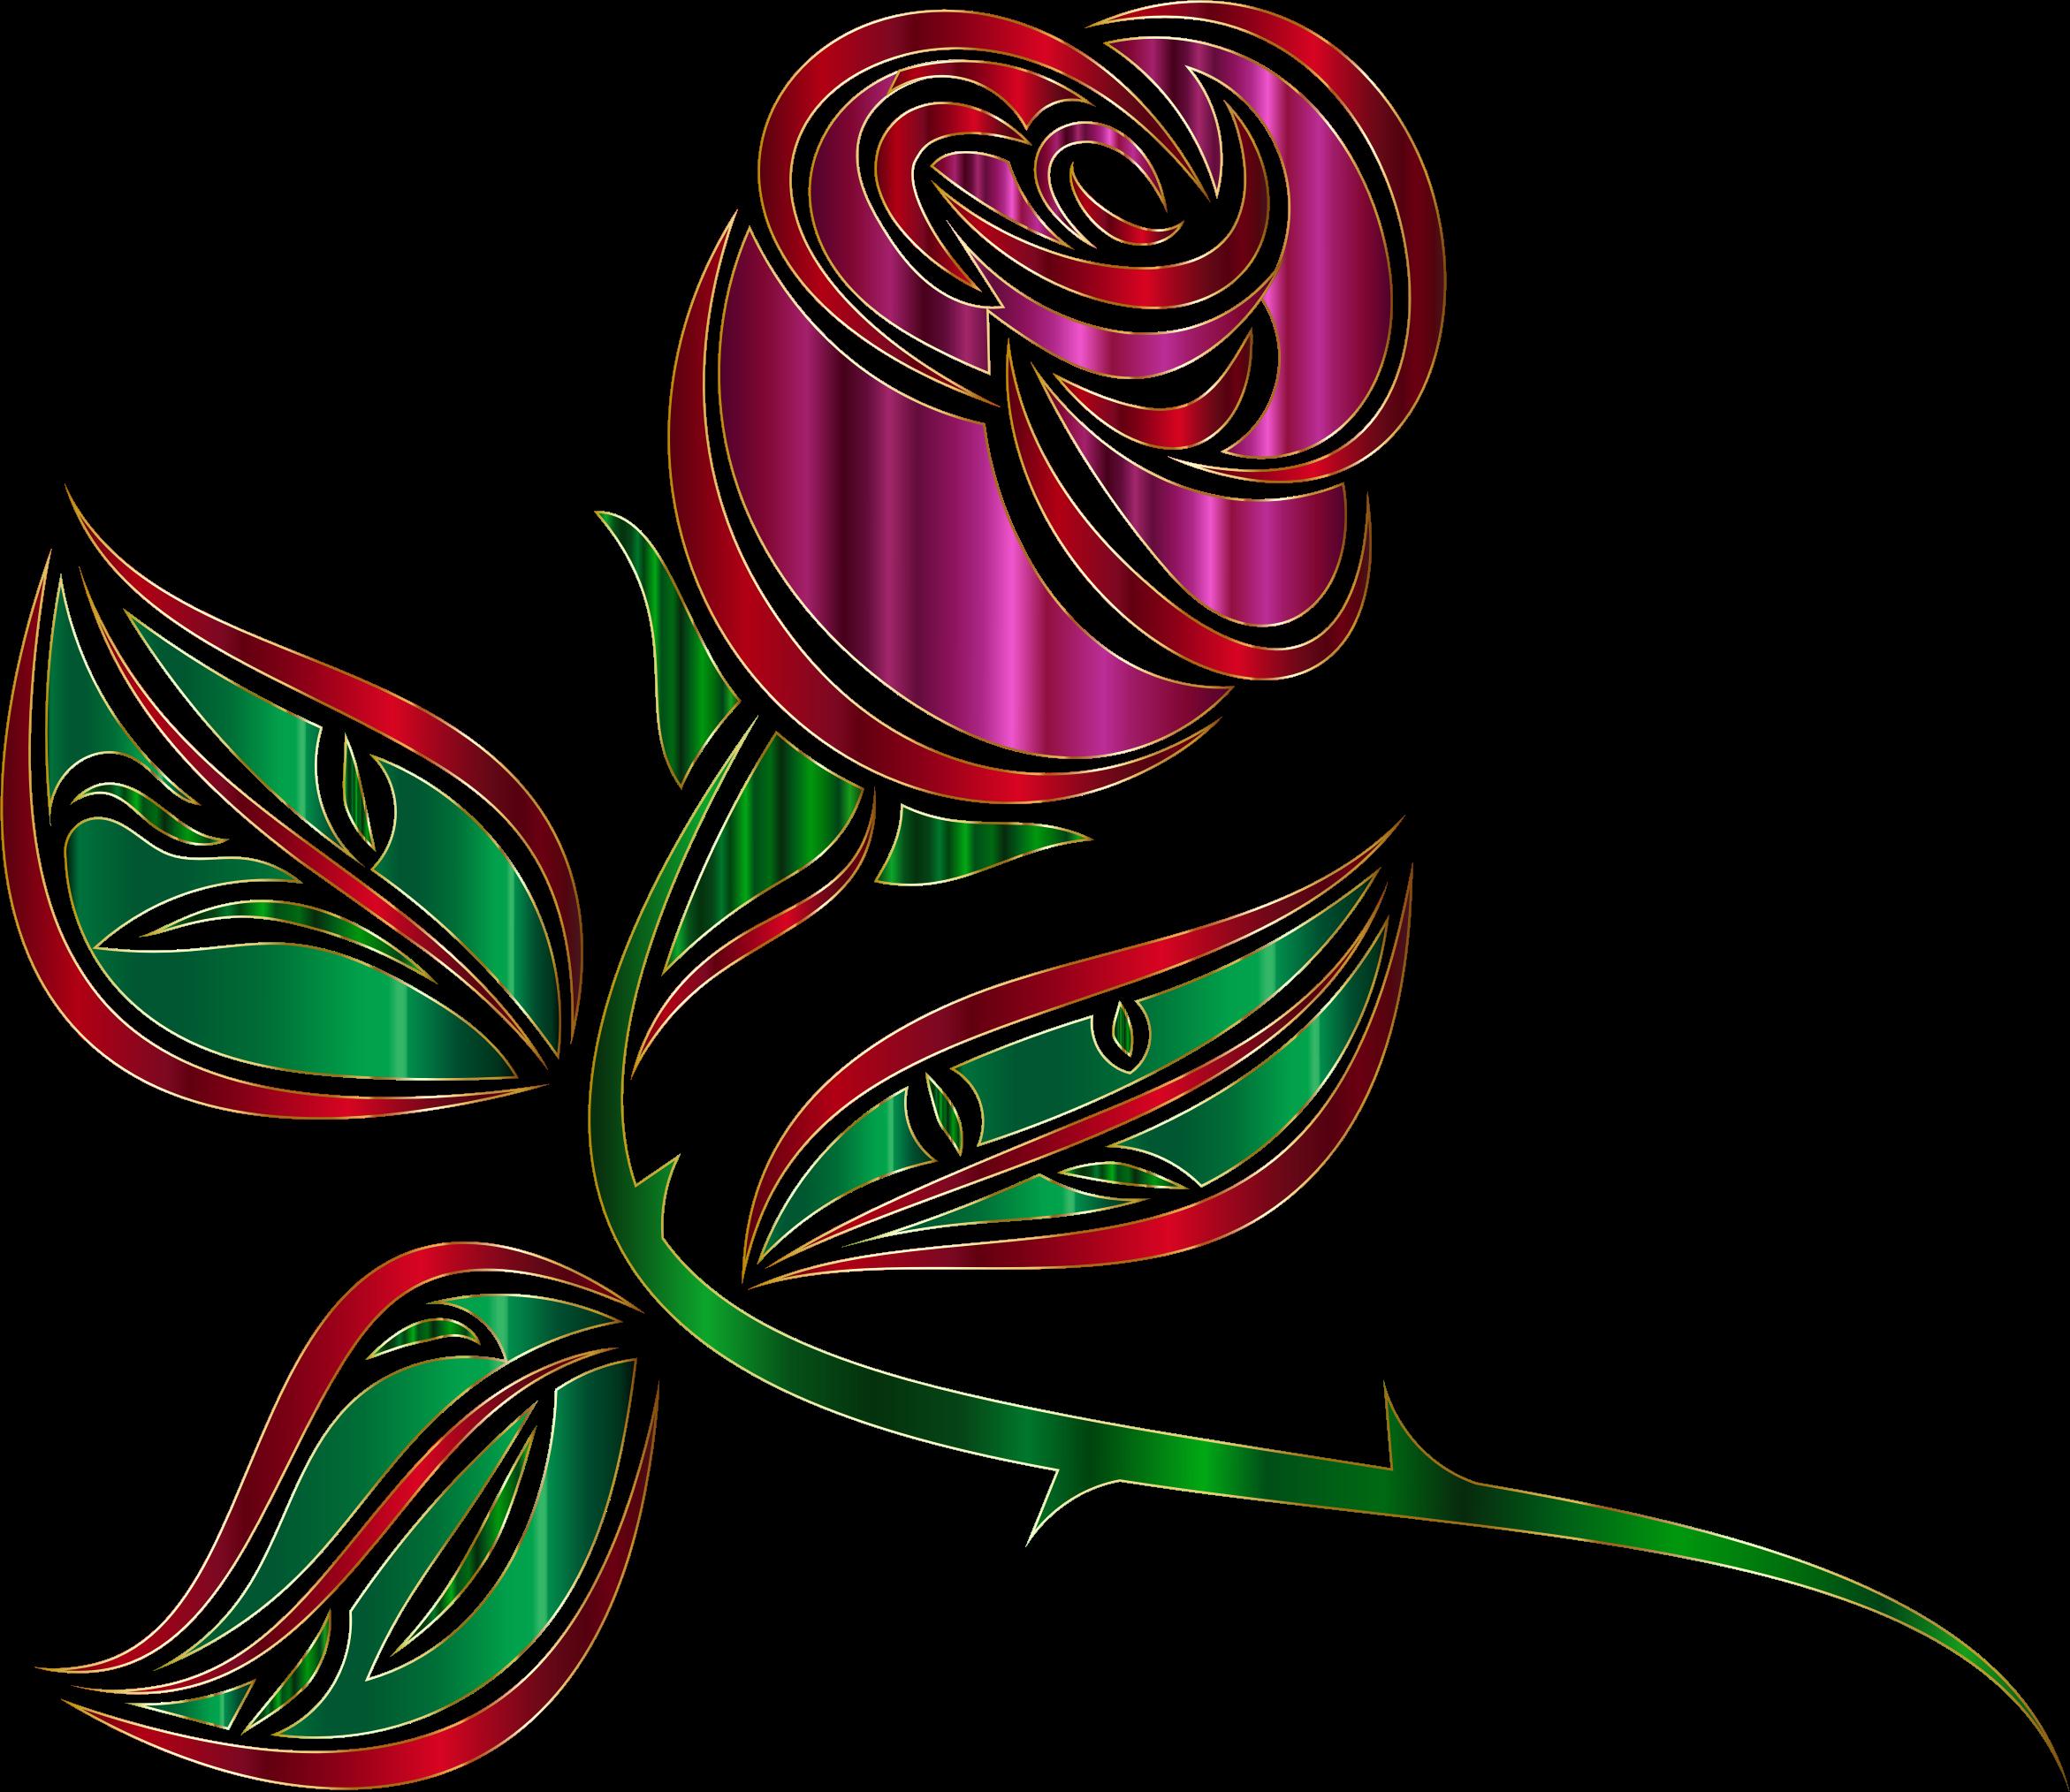 картинки для эмблемы цветок свою любимую